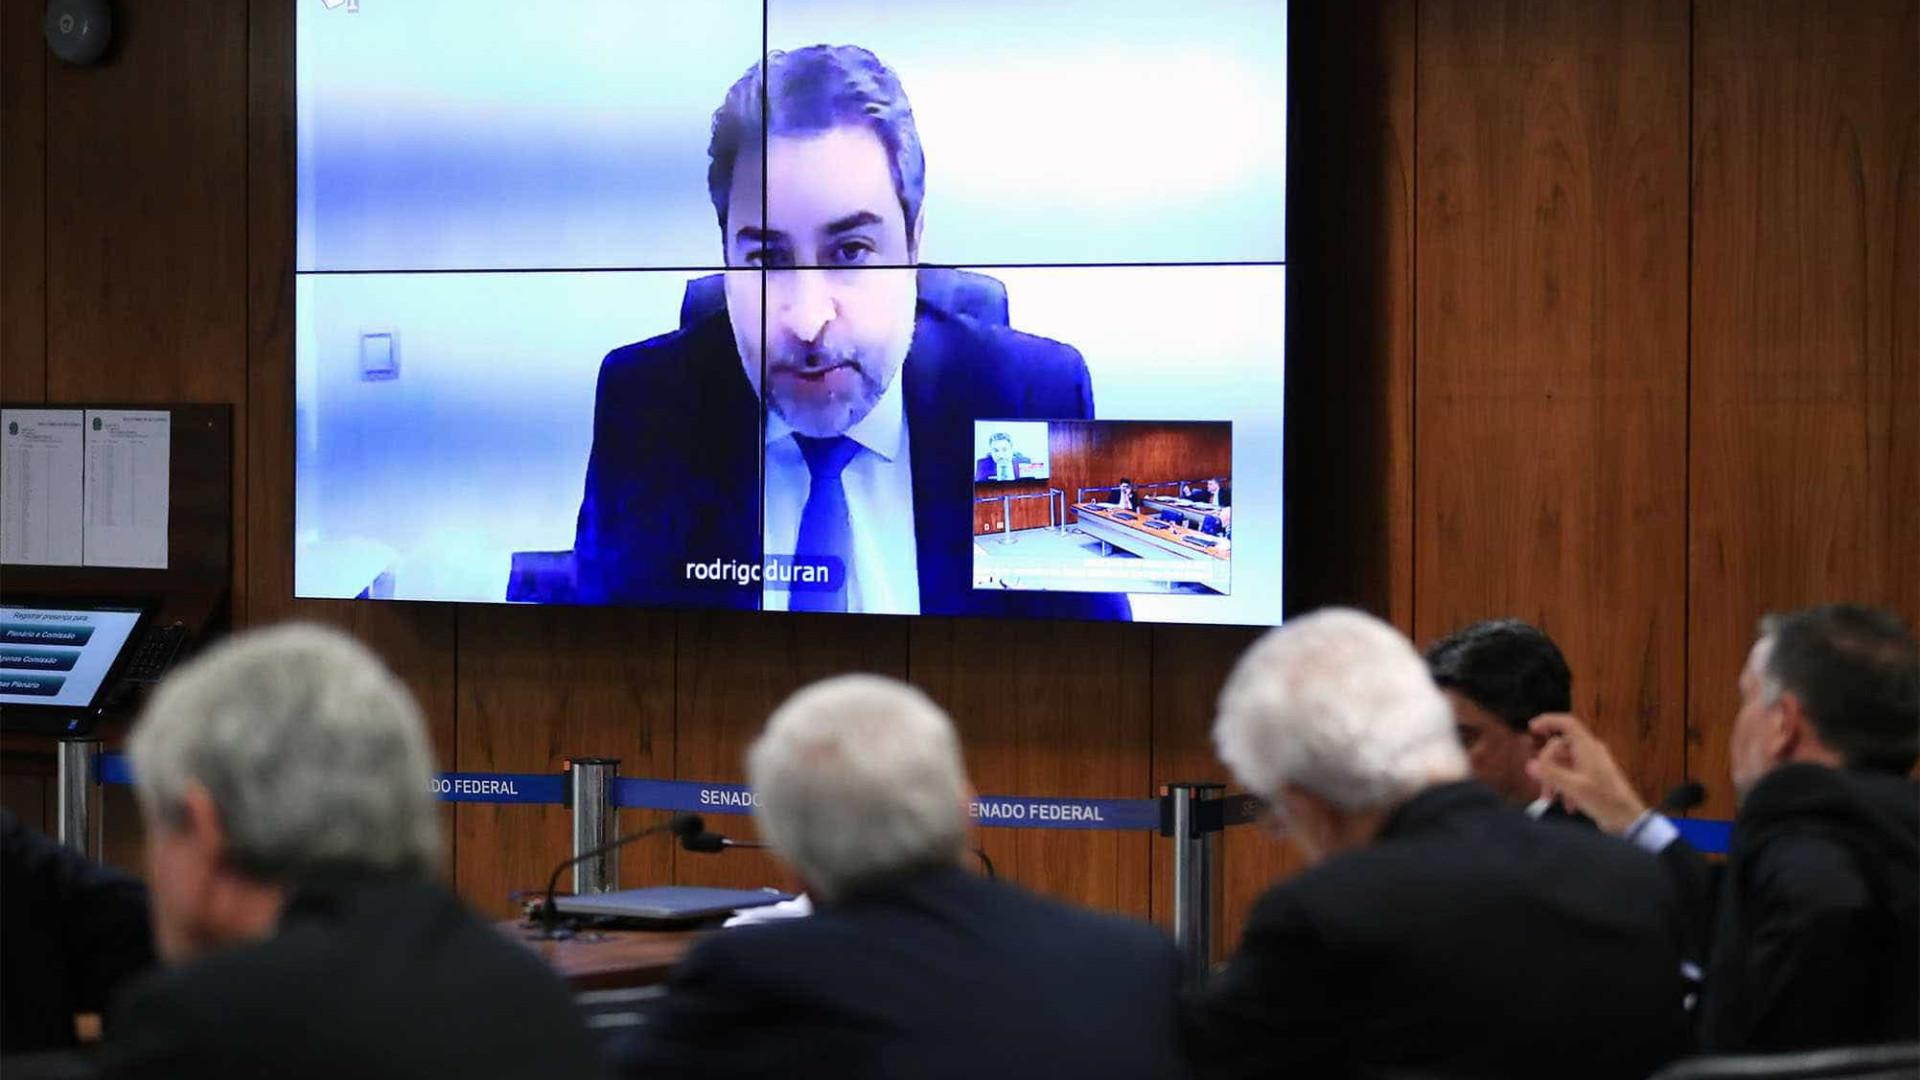 Advogado diz que extratos usados por Janot contra Temer são falsos